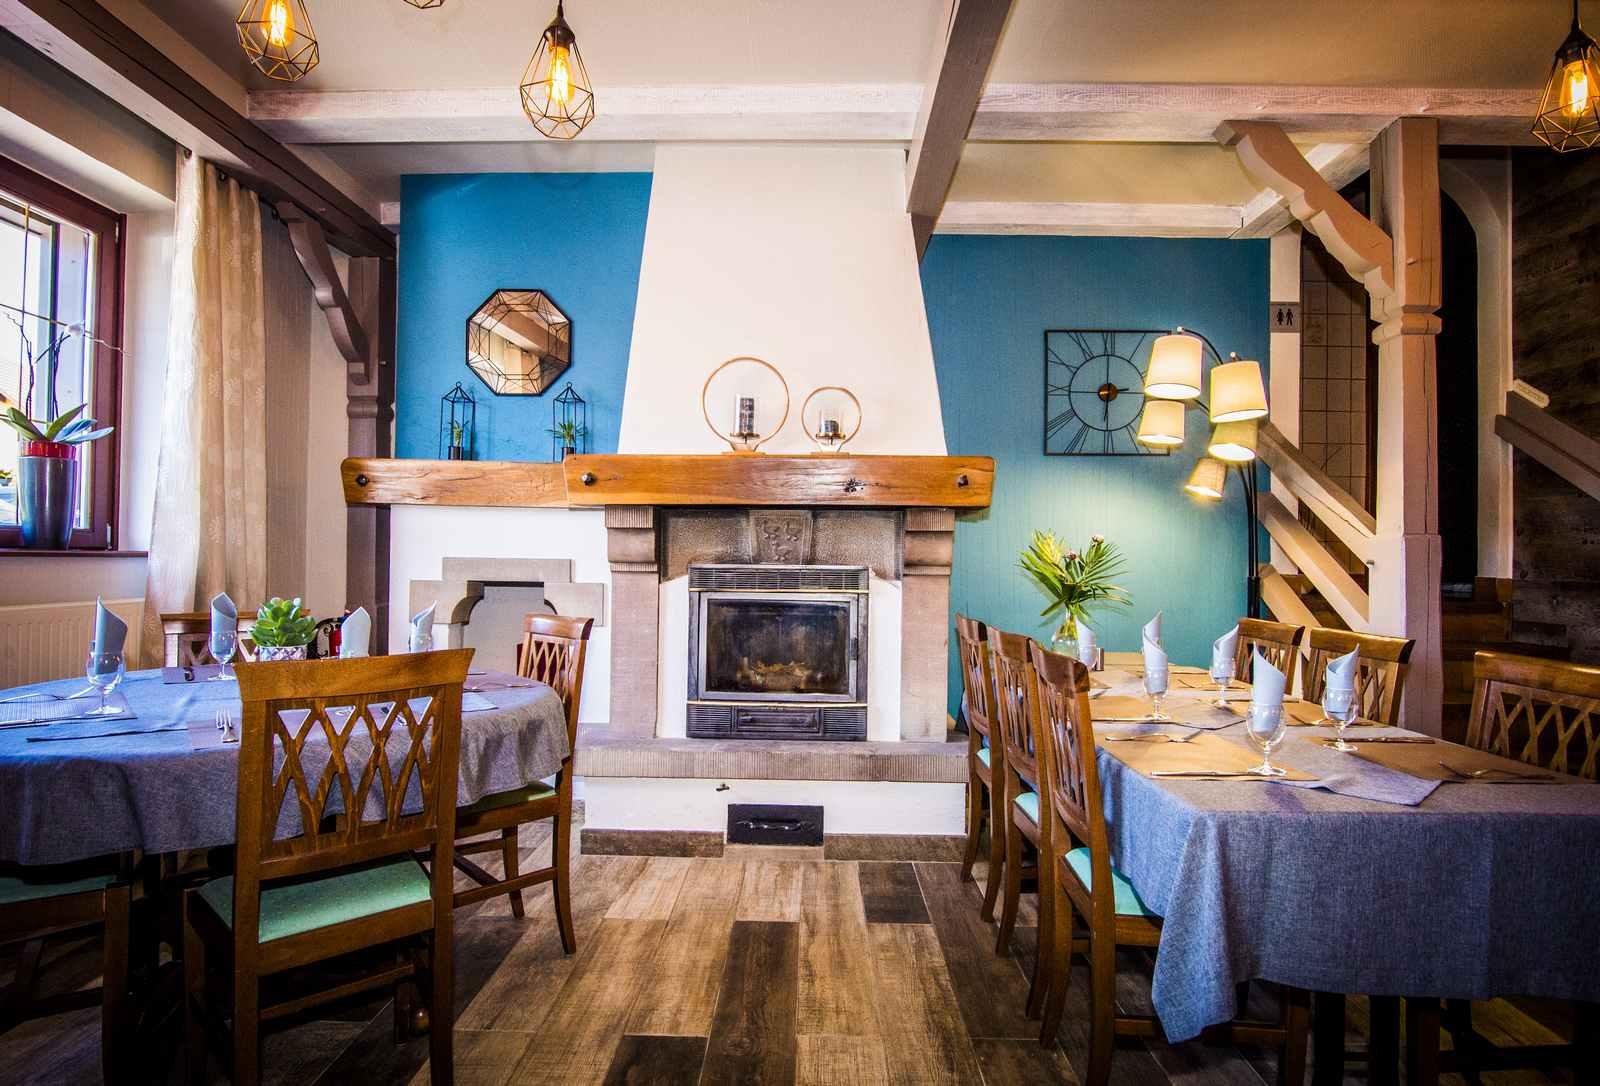 Restaurant du tilleul - Alsace cuisine traditionnelle ...